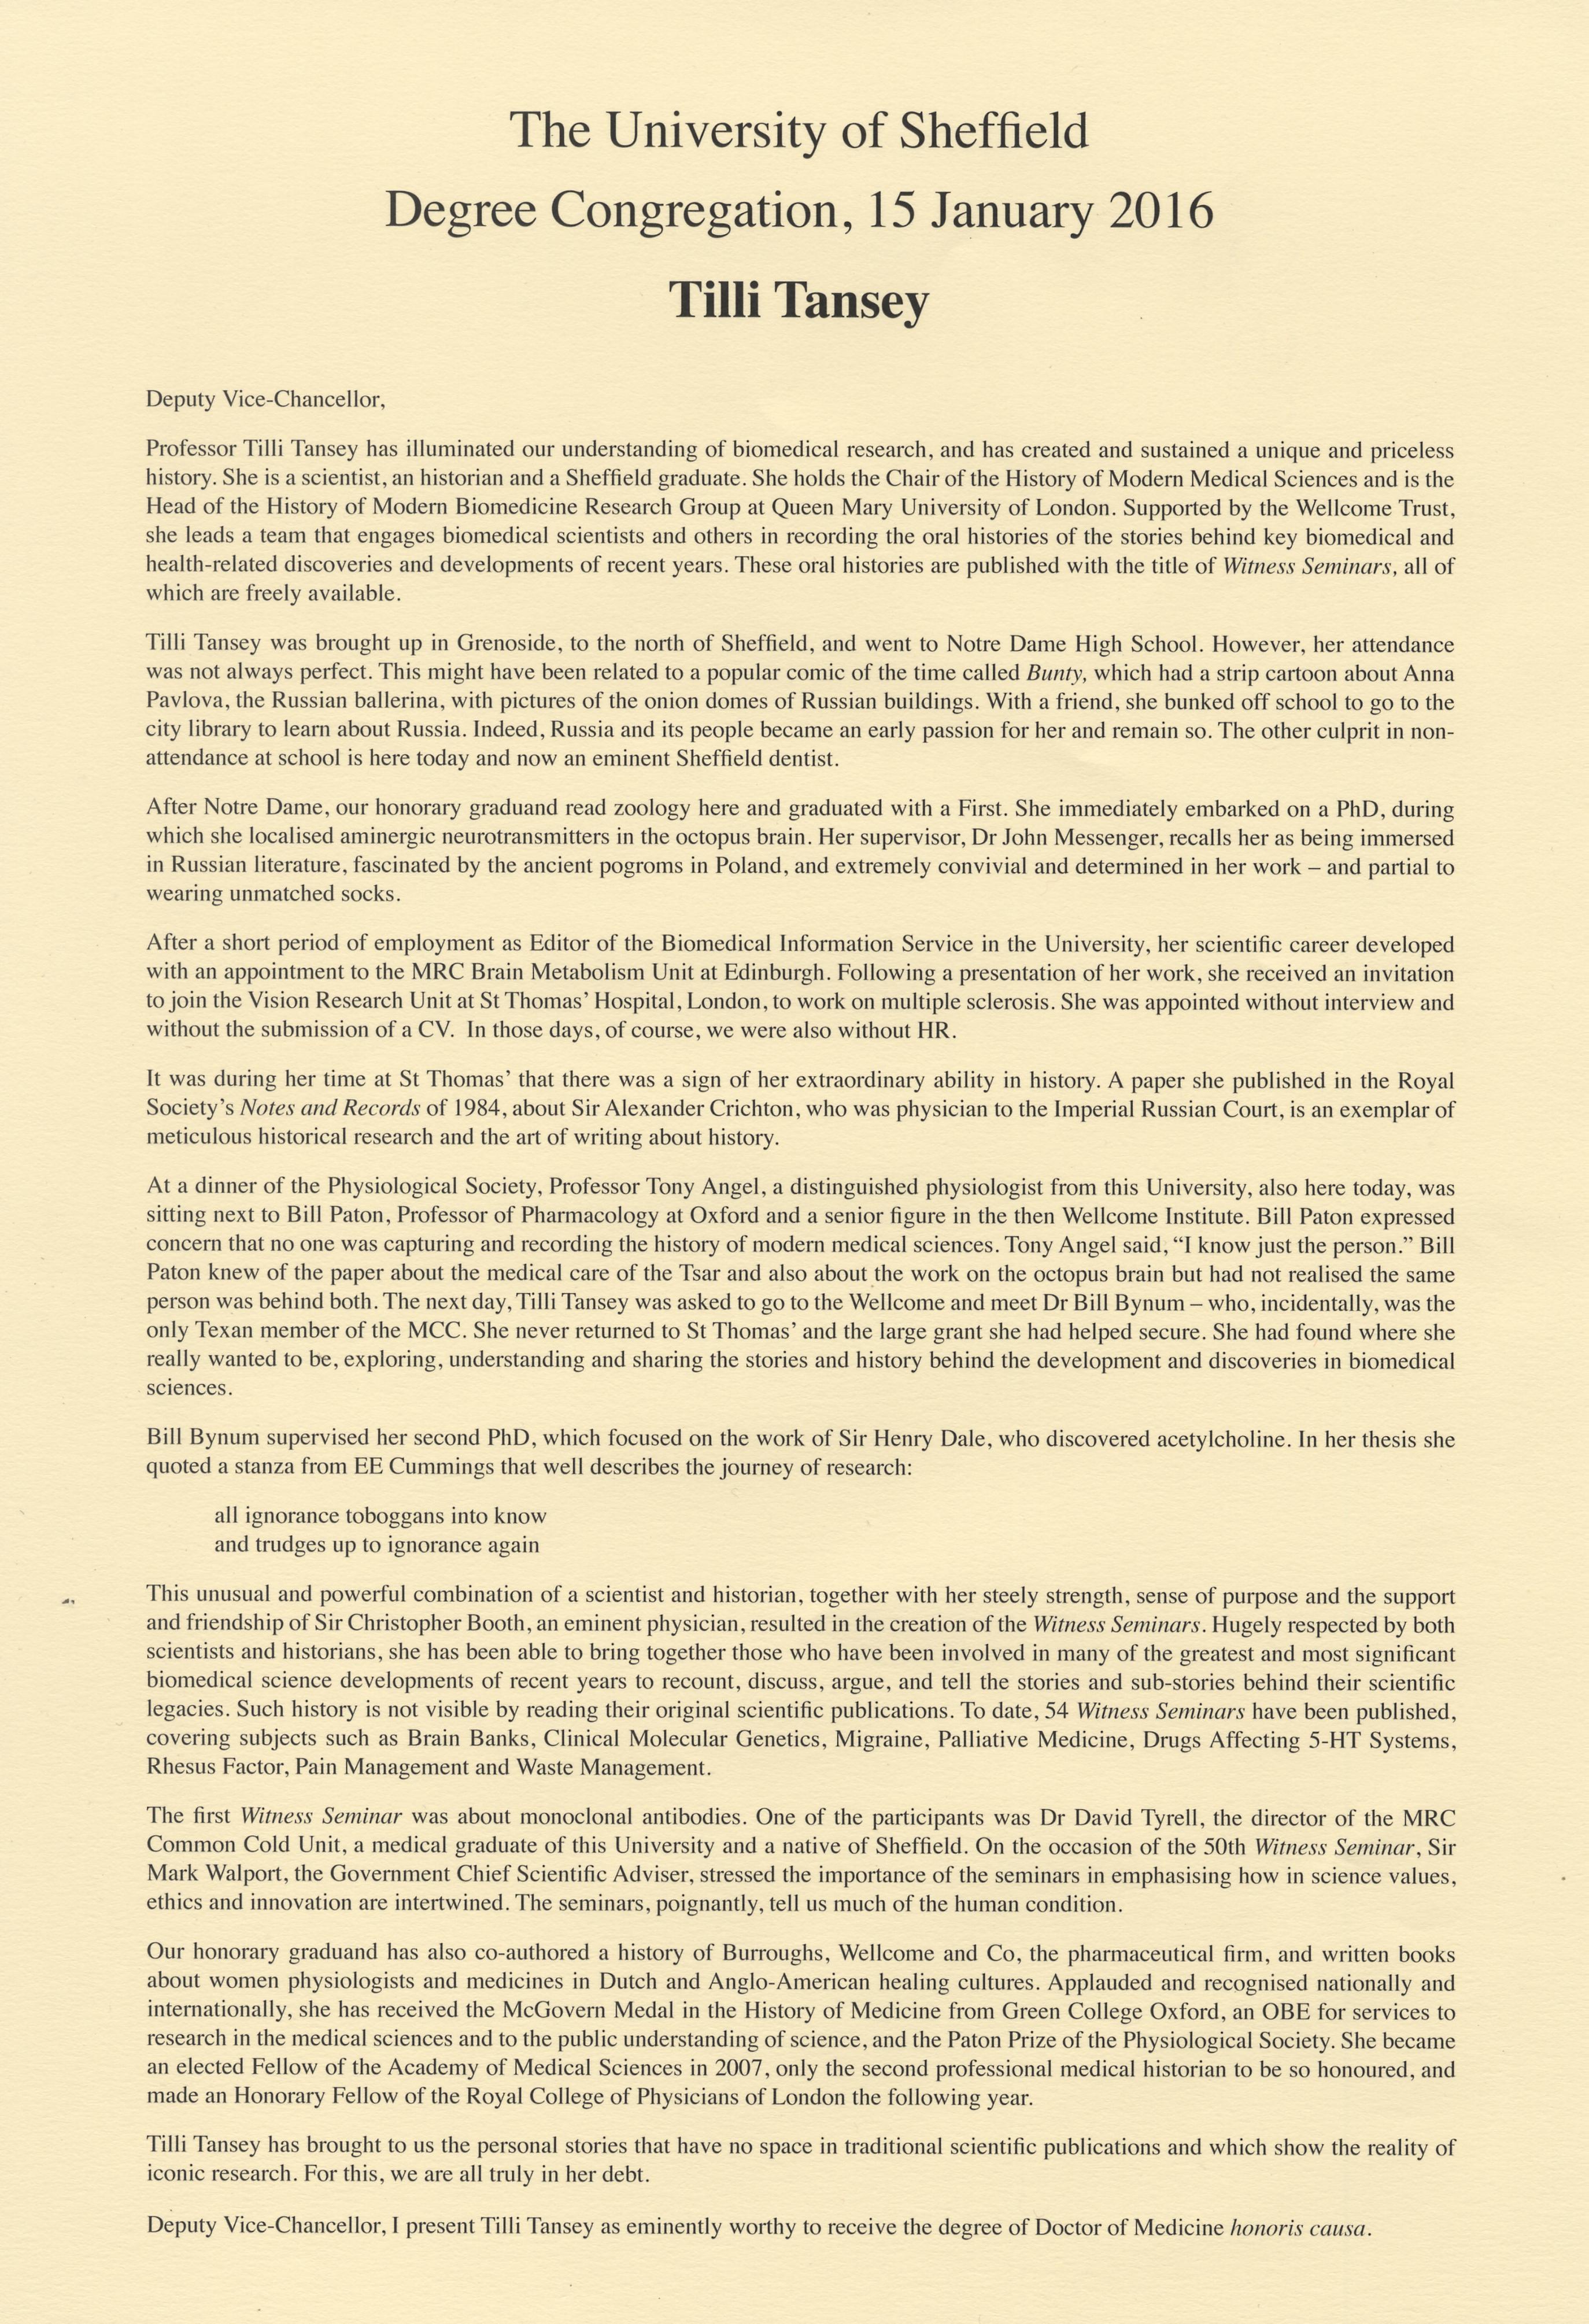 julius caesar essay ks3